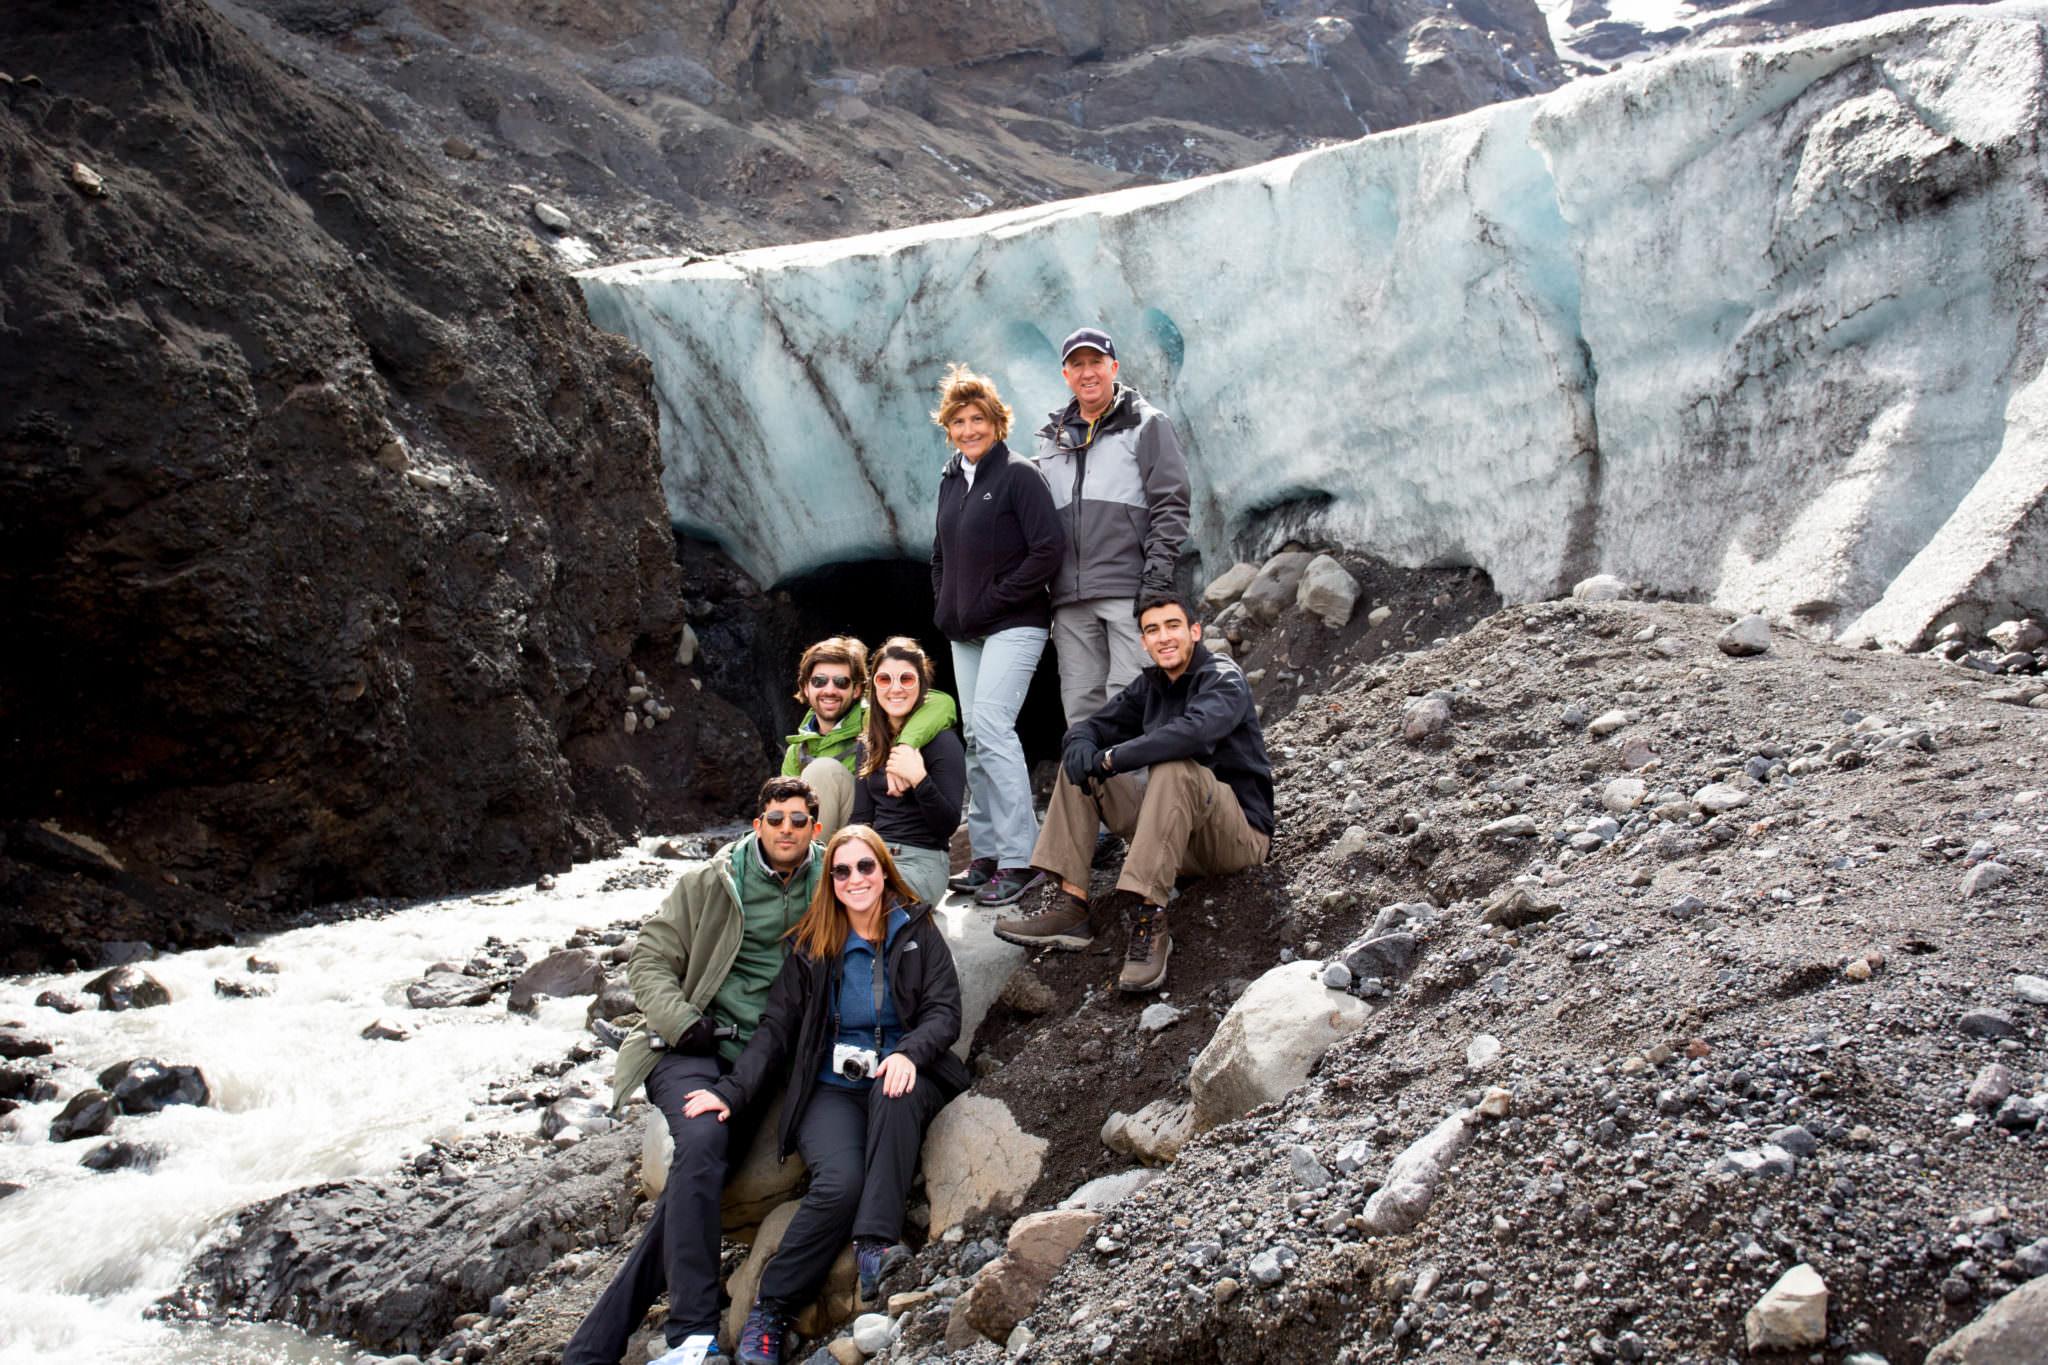 Gígjökull outlet glacier